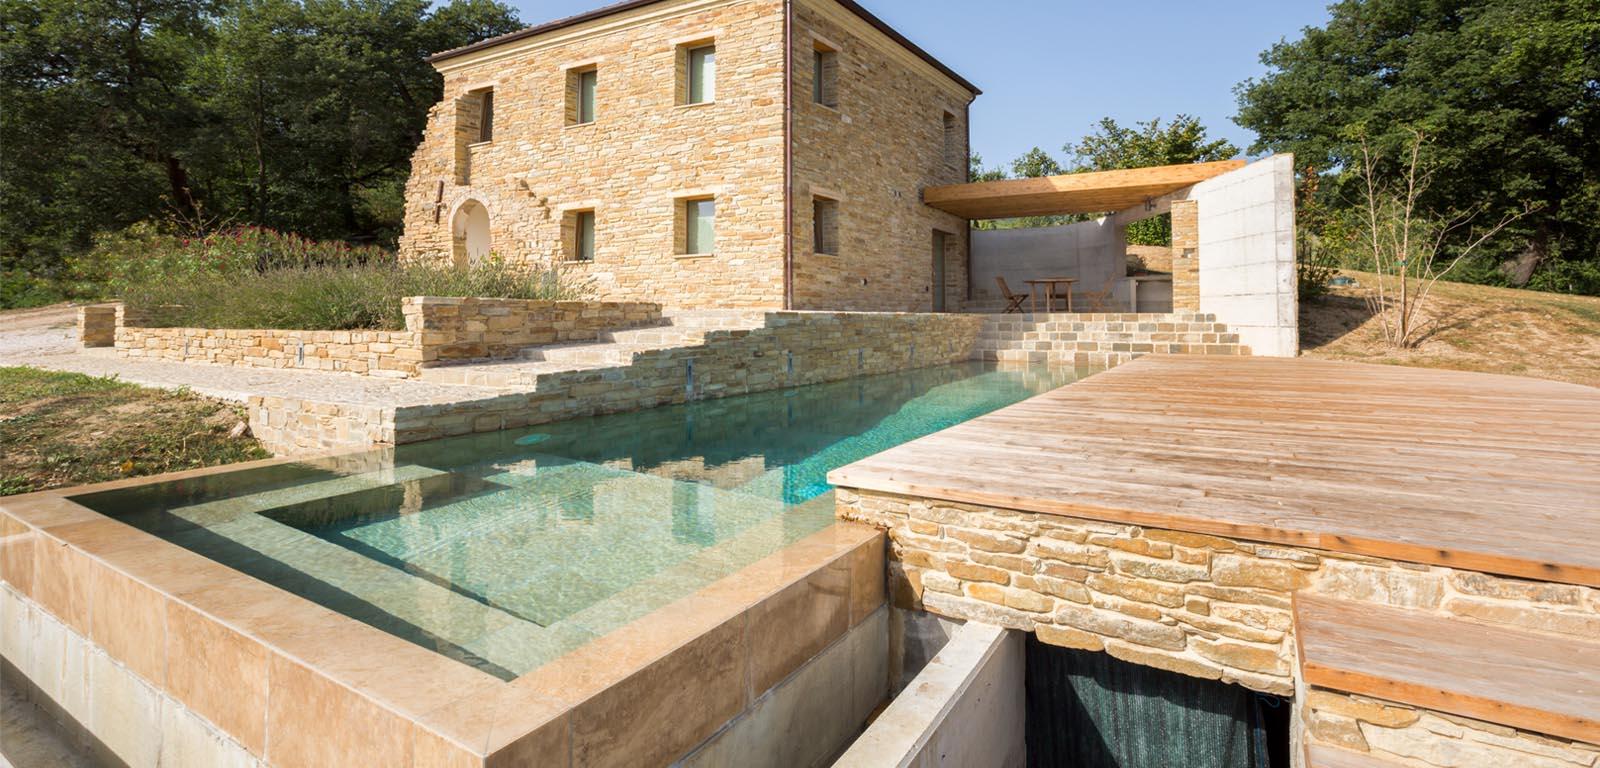 Piscine in giardino piscine castiglione for Immagini piscine design